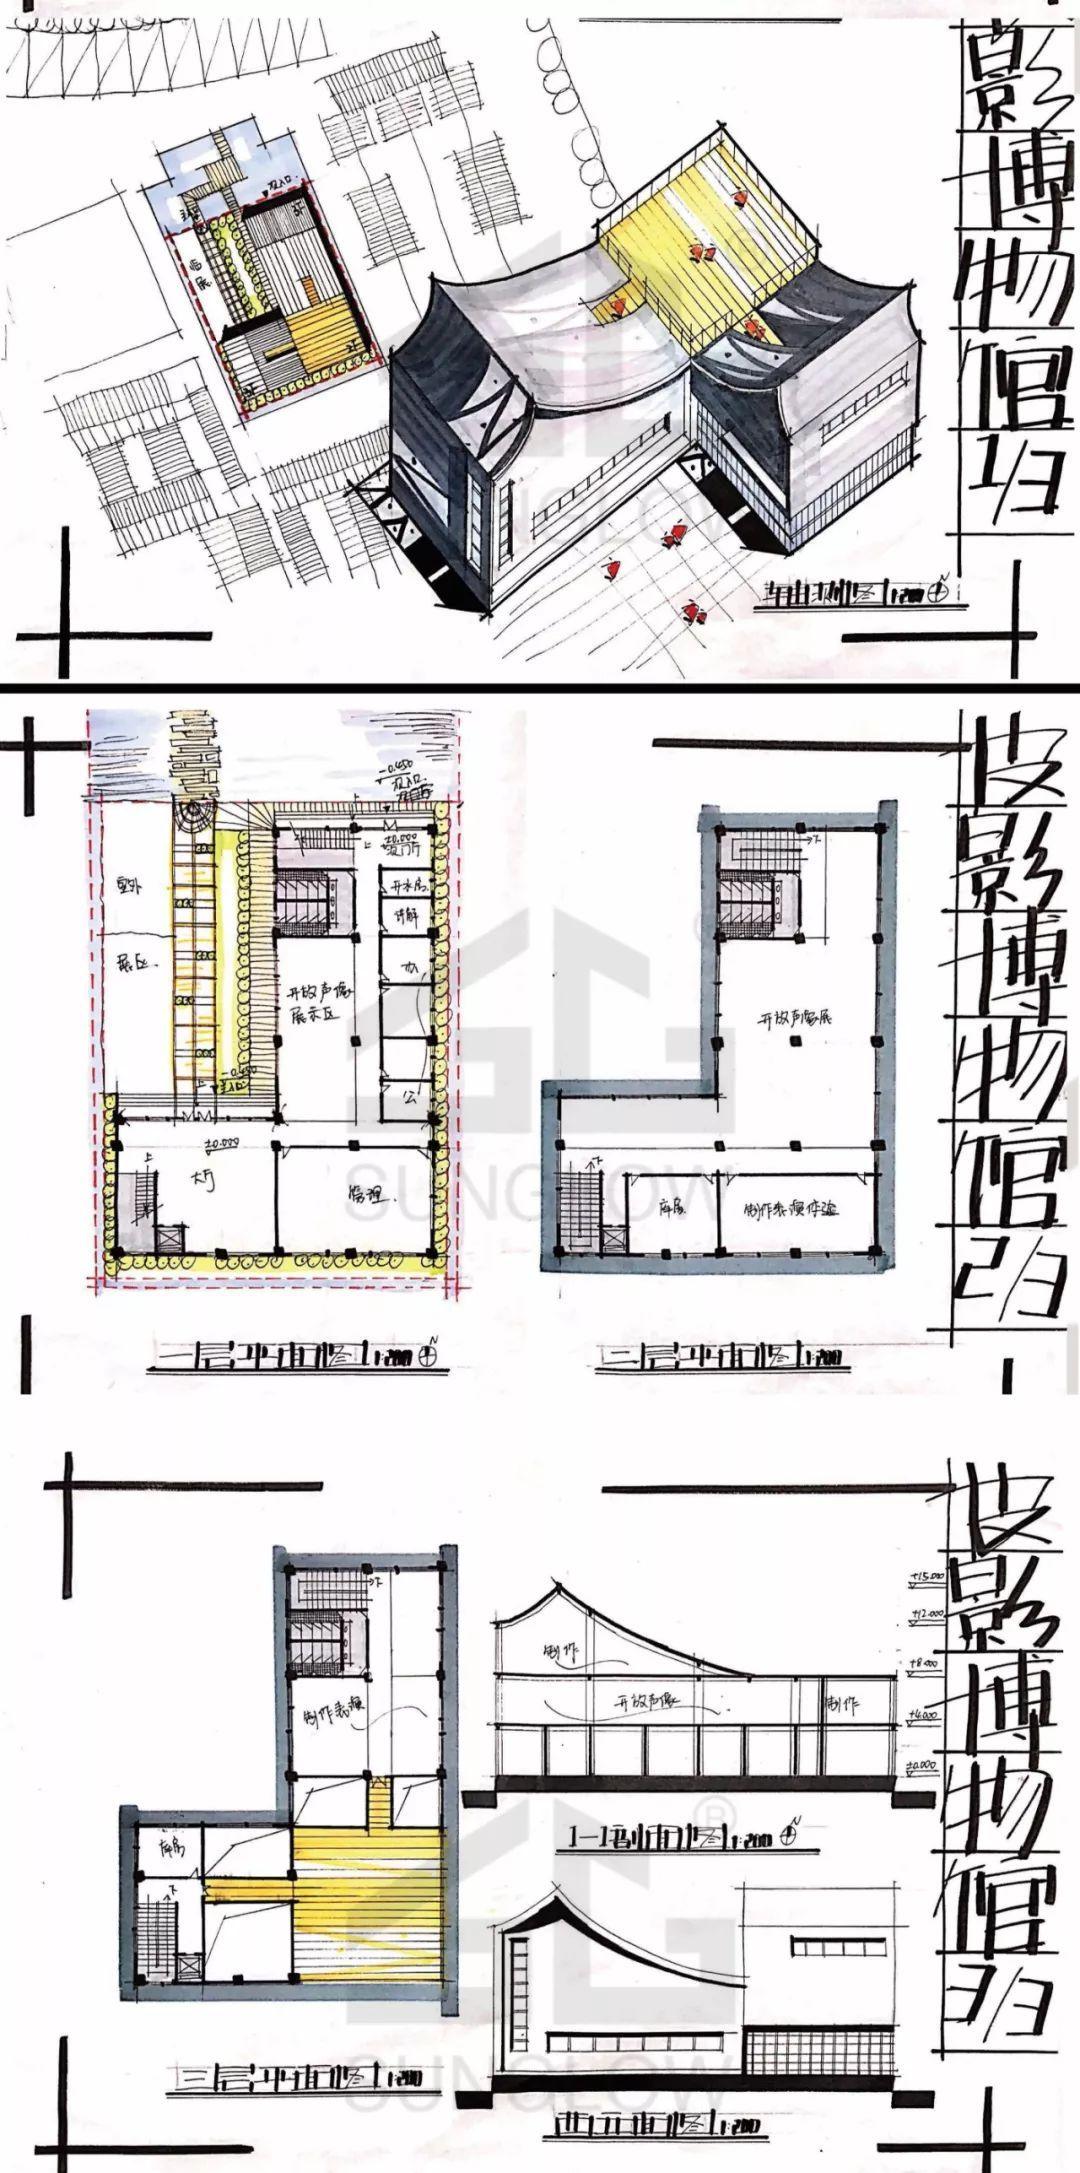 大快题模考评图04 | 西建大18华山古镇皮影博物馆图片